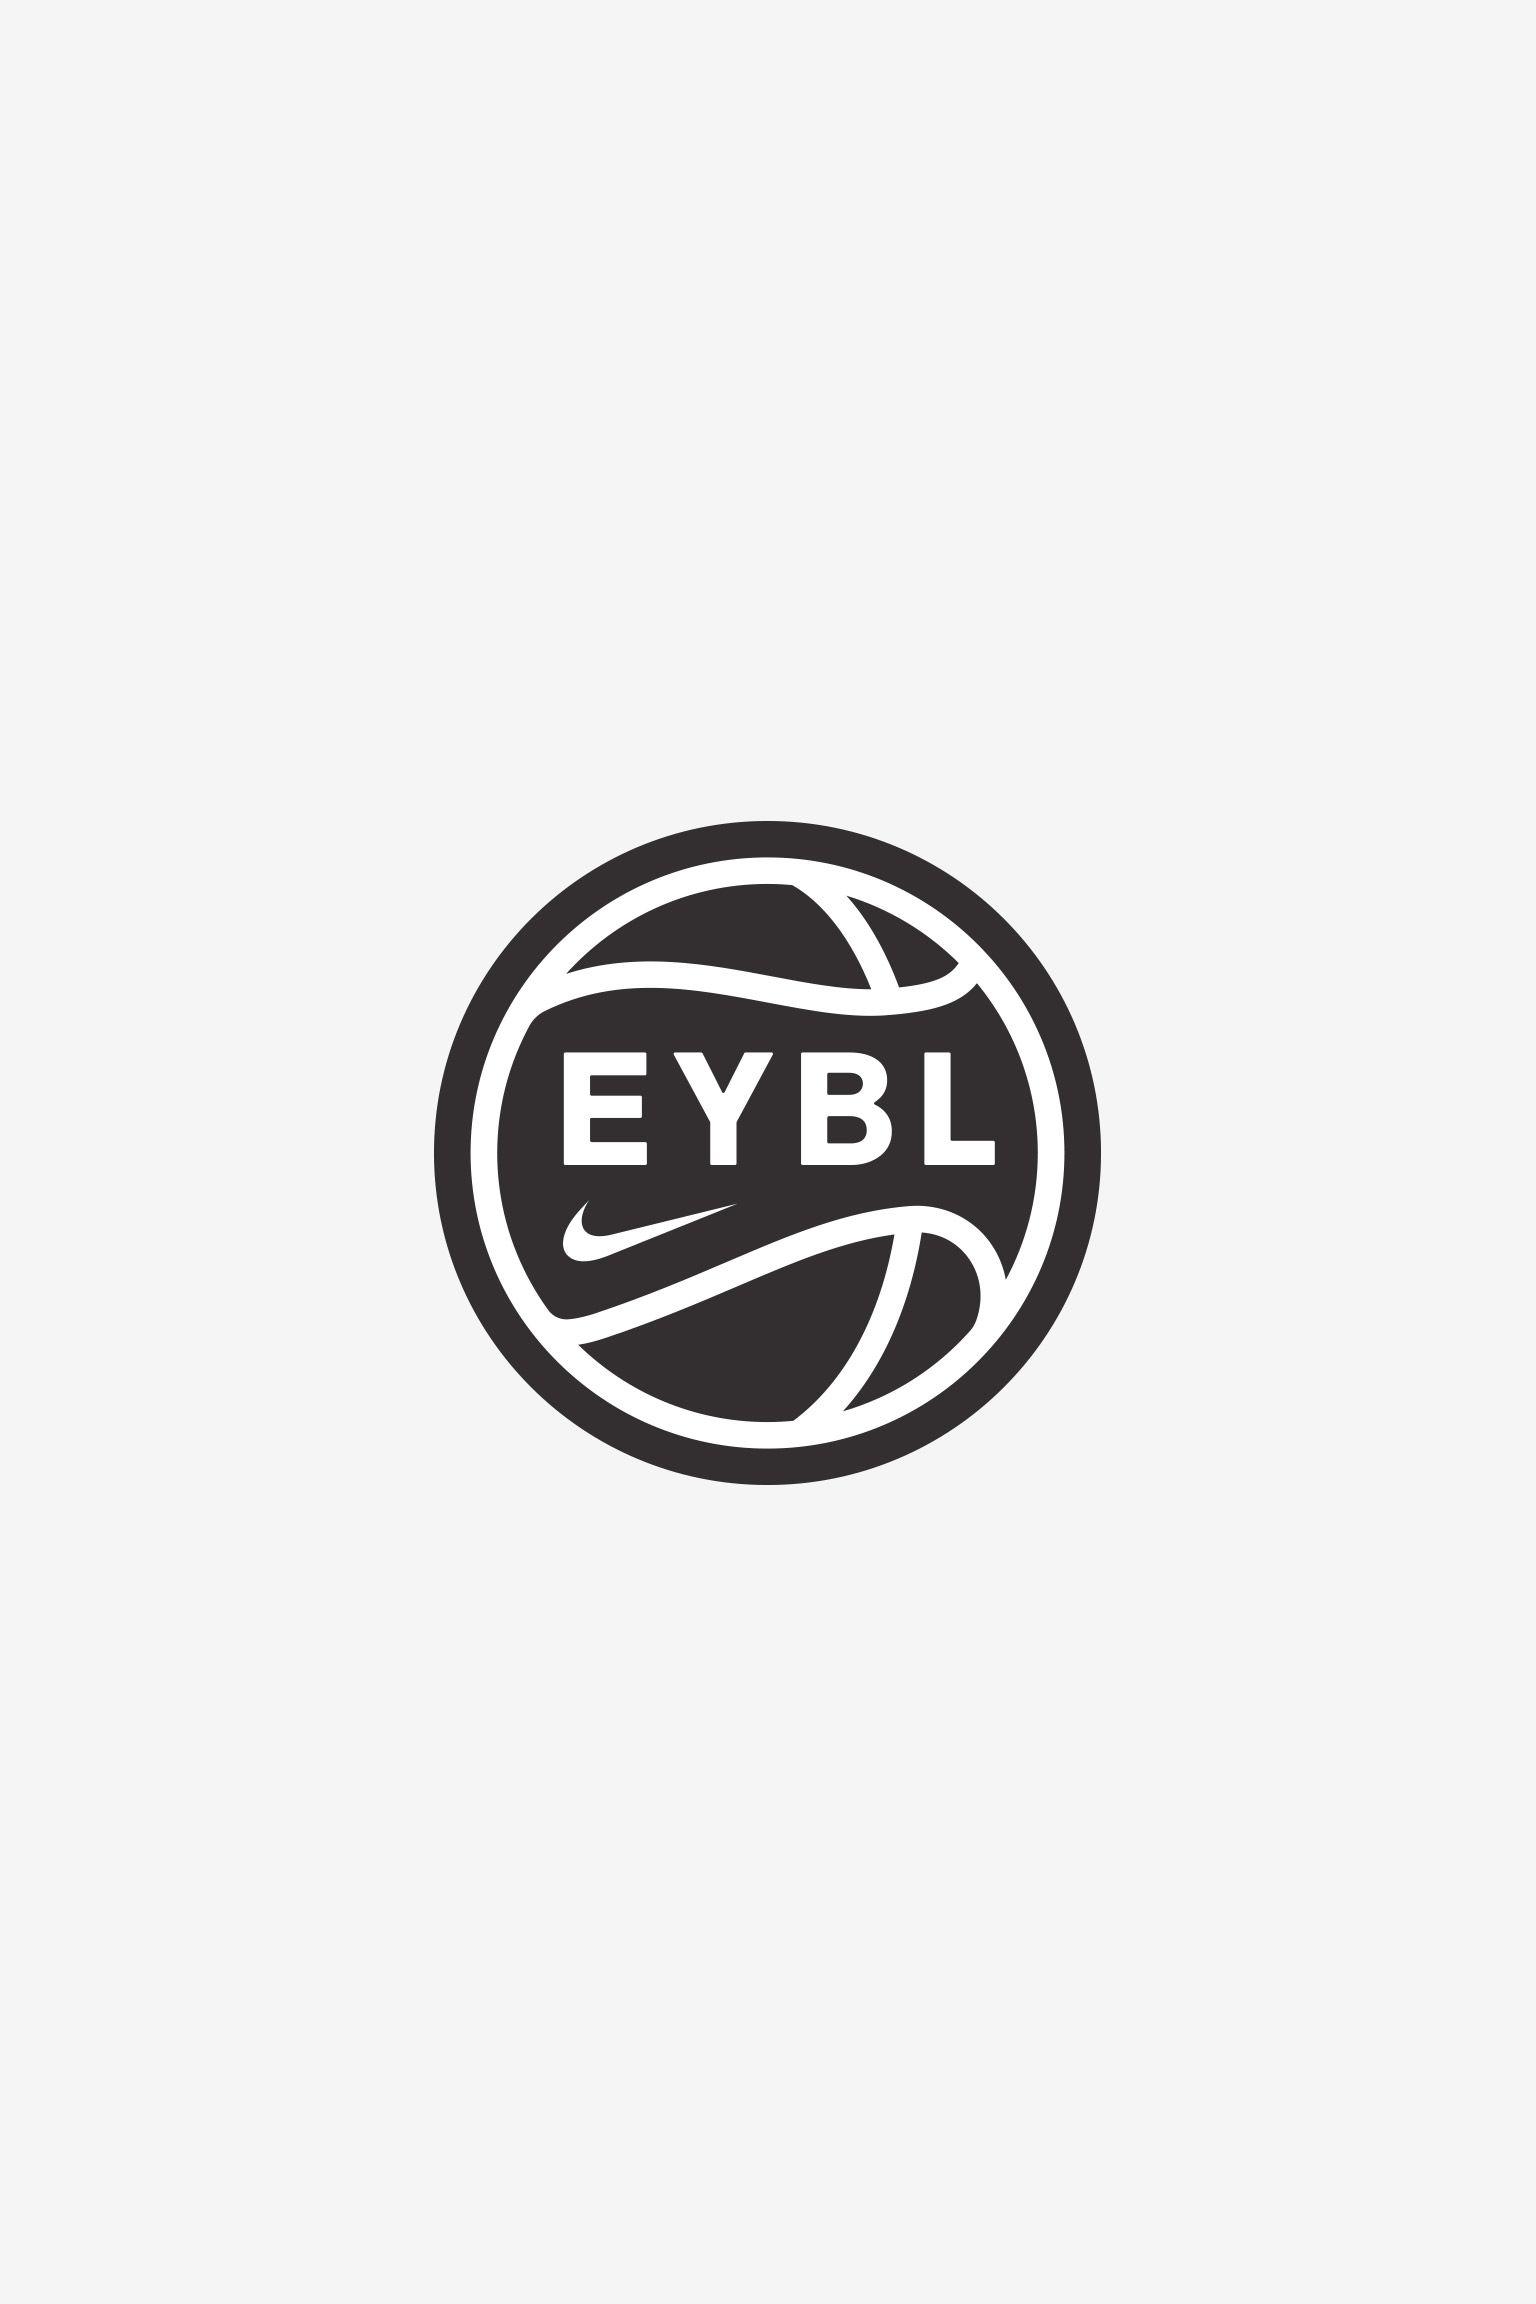 Nike Kyrie 2 'EYBL' Release Date